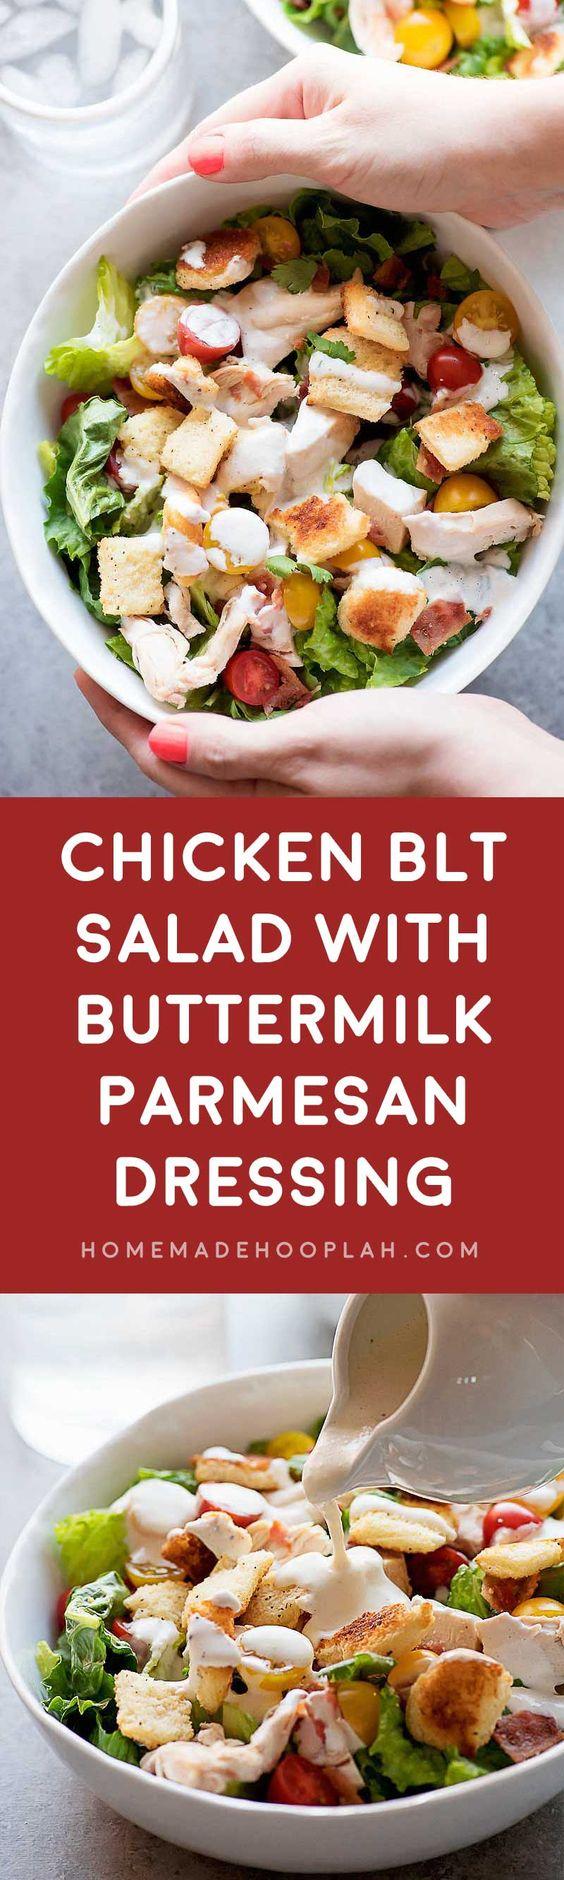 Chicken BLT Salad with Buttermilk-Parmesan Dressing! Tasty chicken ...